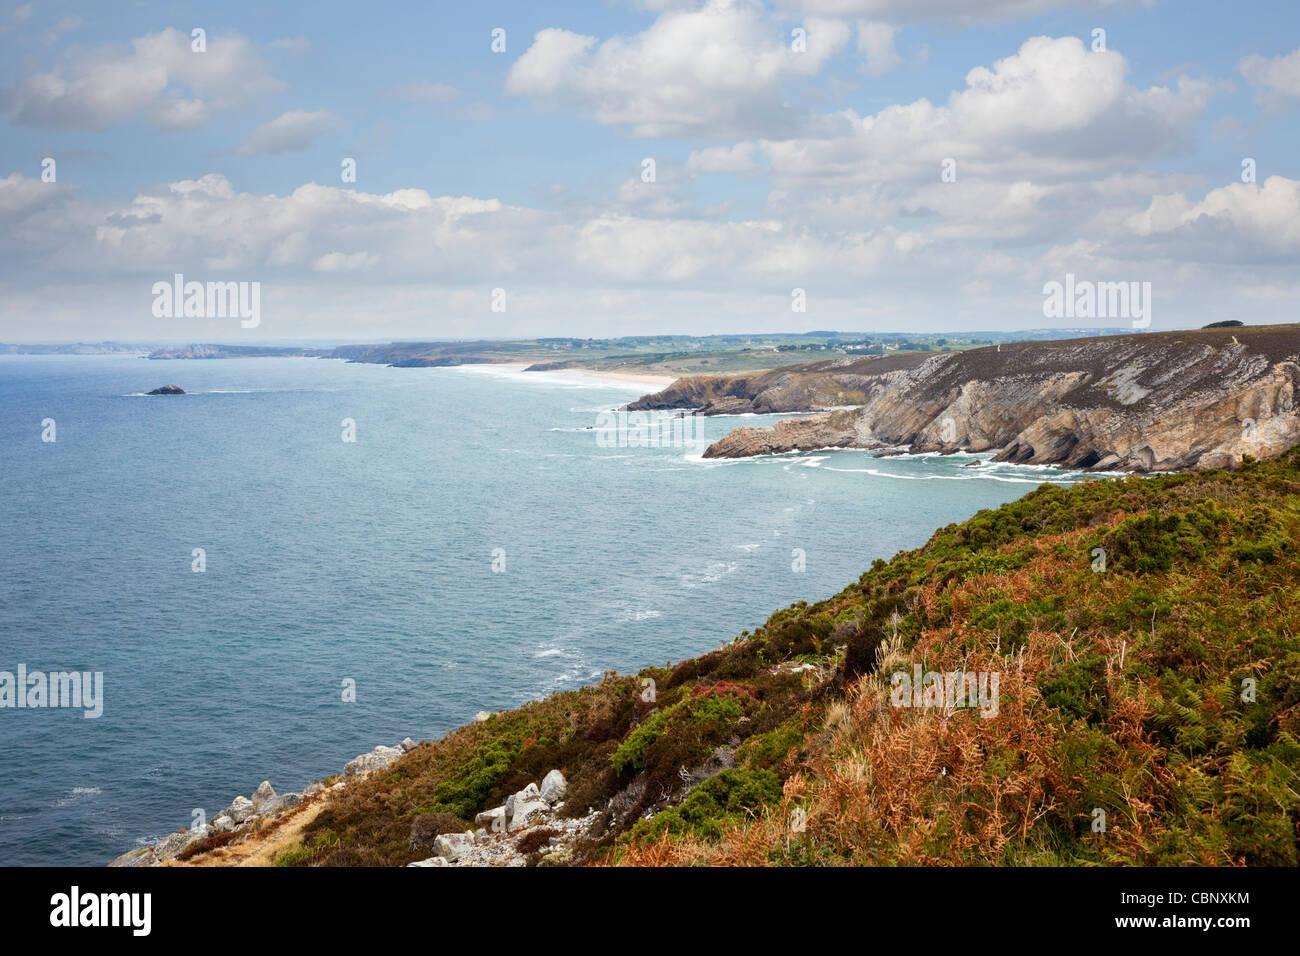 Cap de la Chevre, Crozon Peninsula, Finistere, Brittany, France - Stock Image